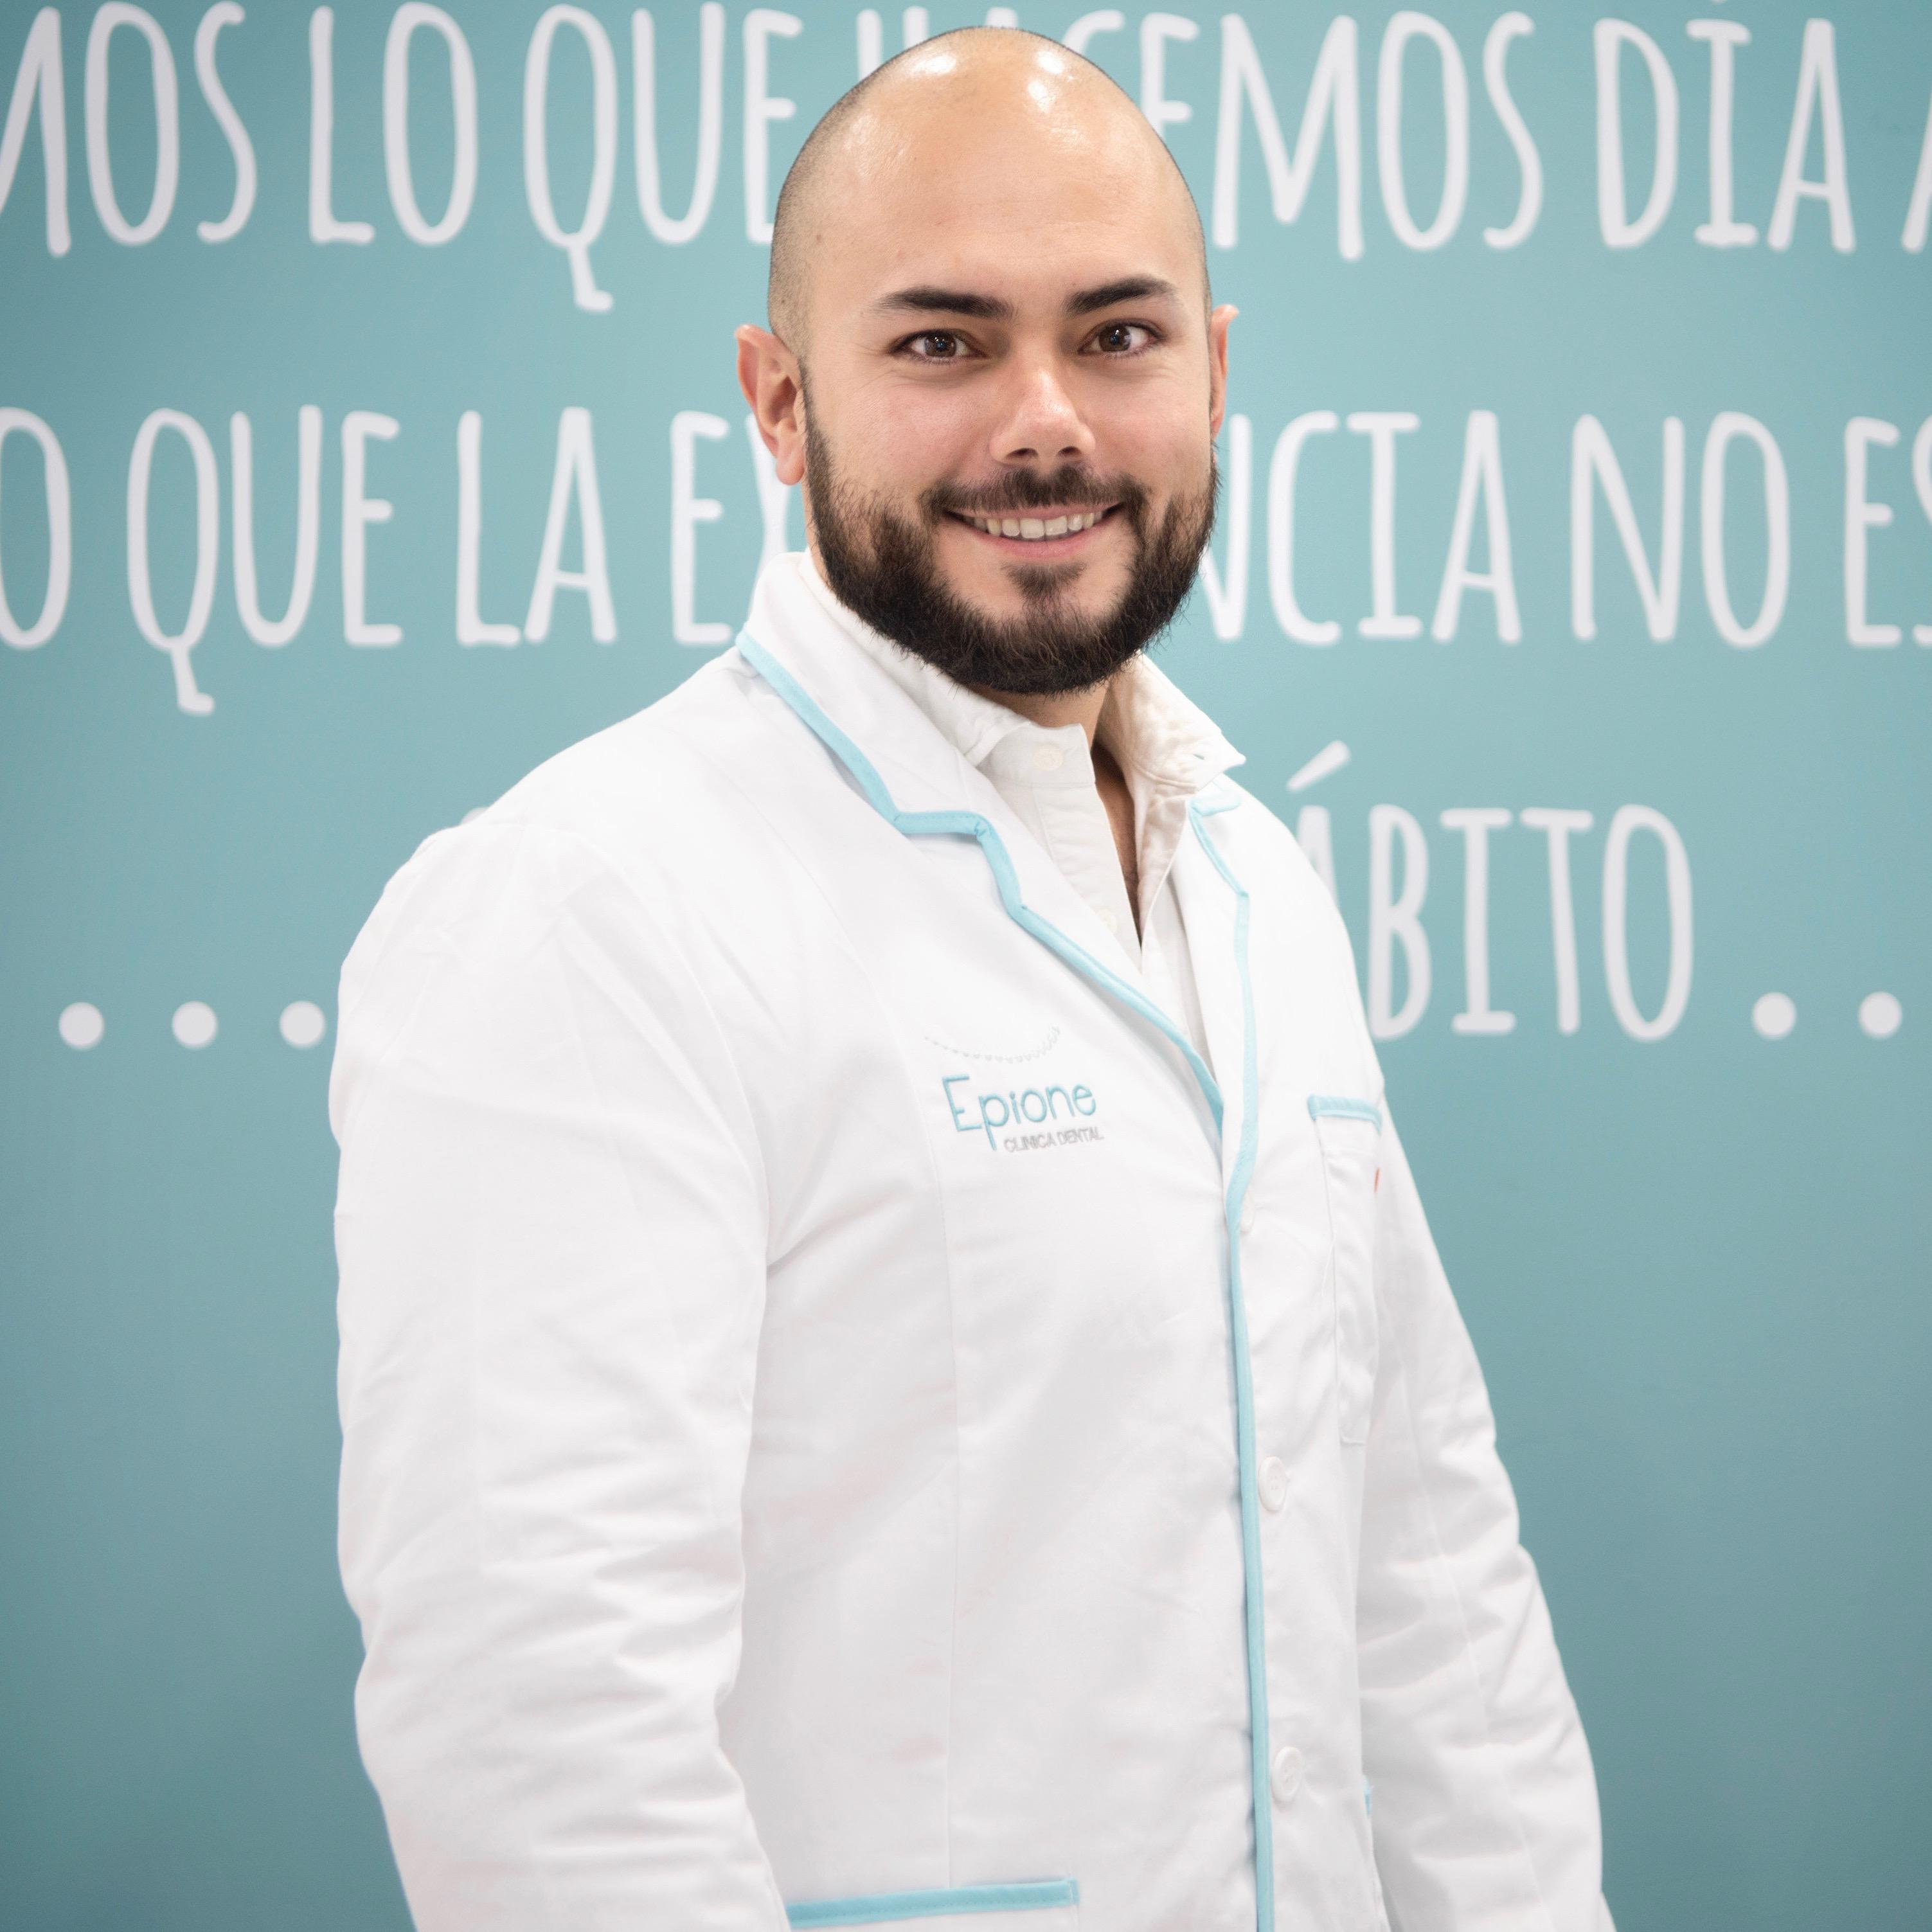 Jorge Garrido